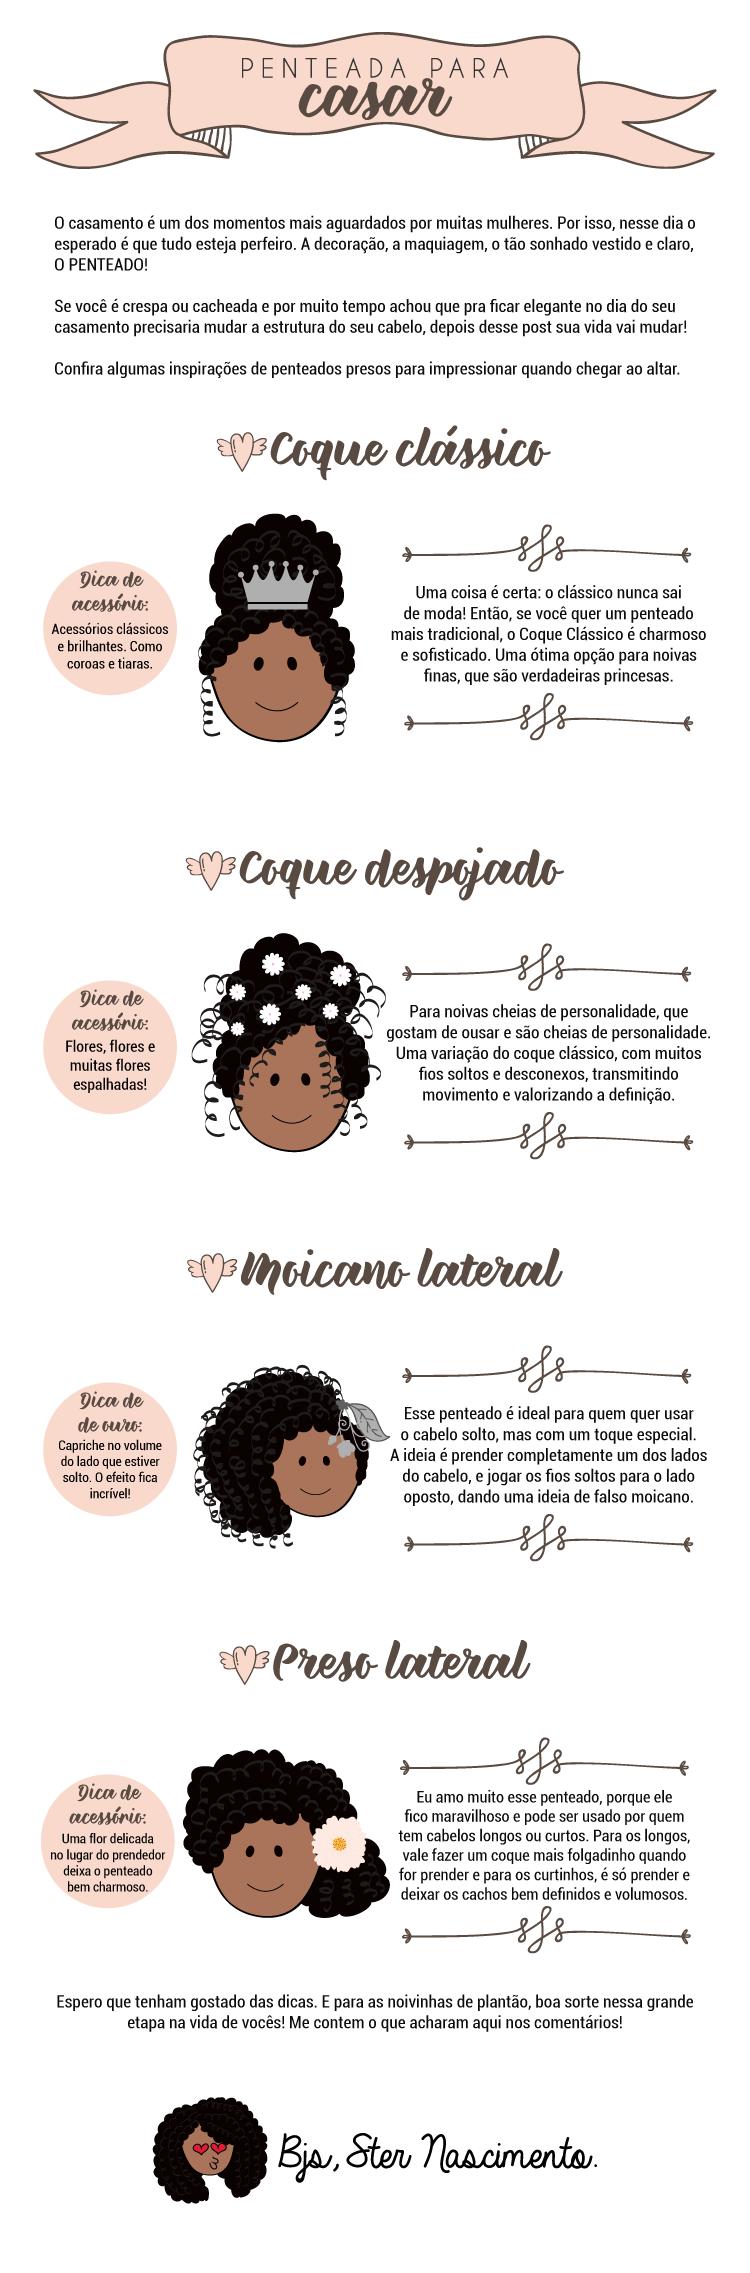 Penteado  - Penteados para noivas: arrase no grande dia!